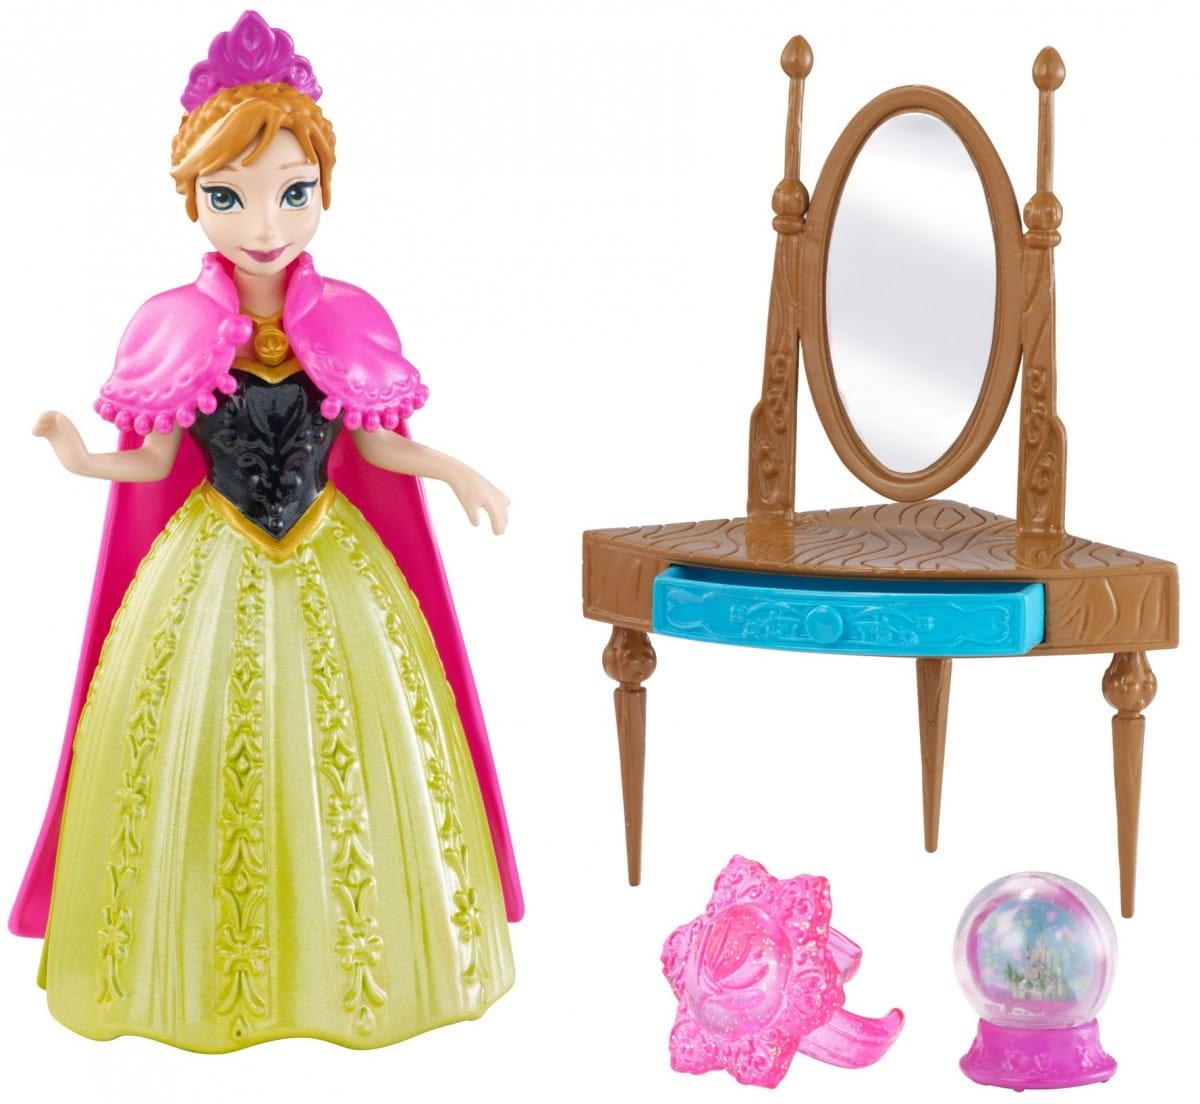 Игровой набор Disney Princess Y9972 Холодное Сердце - Анна с аксессуарами (Mattel)